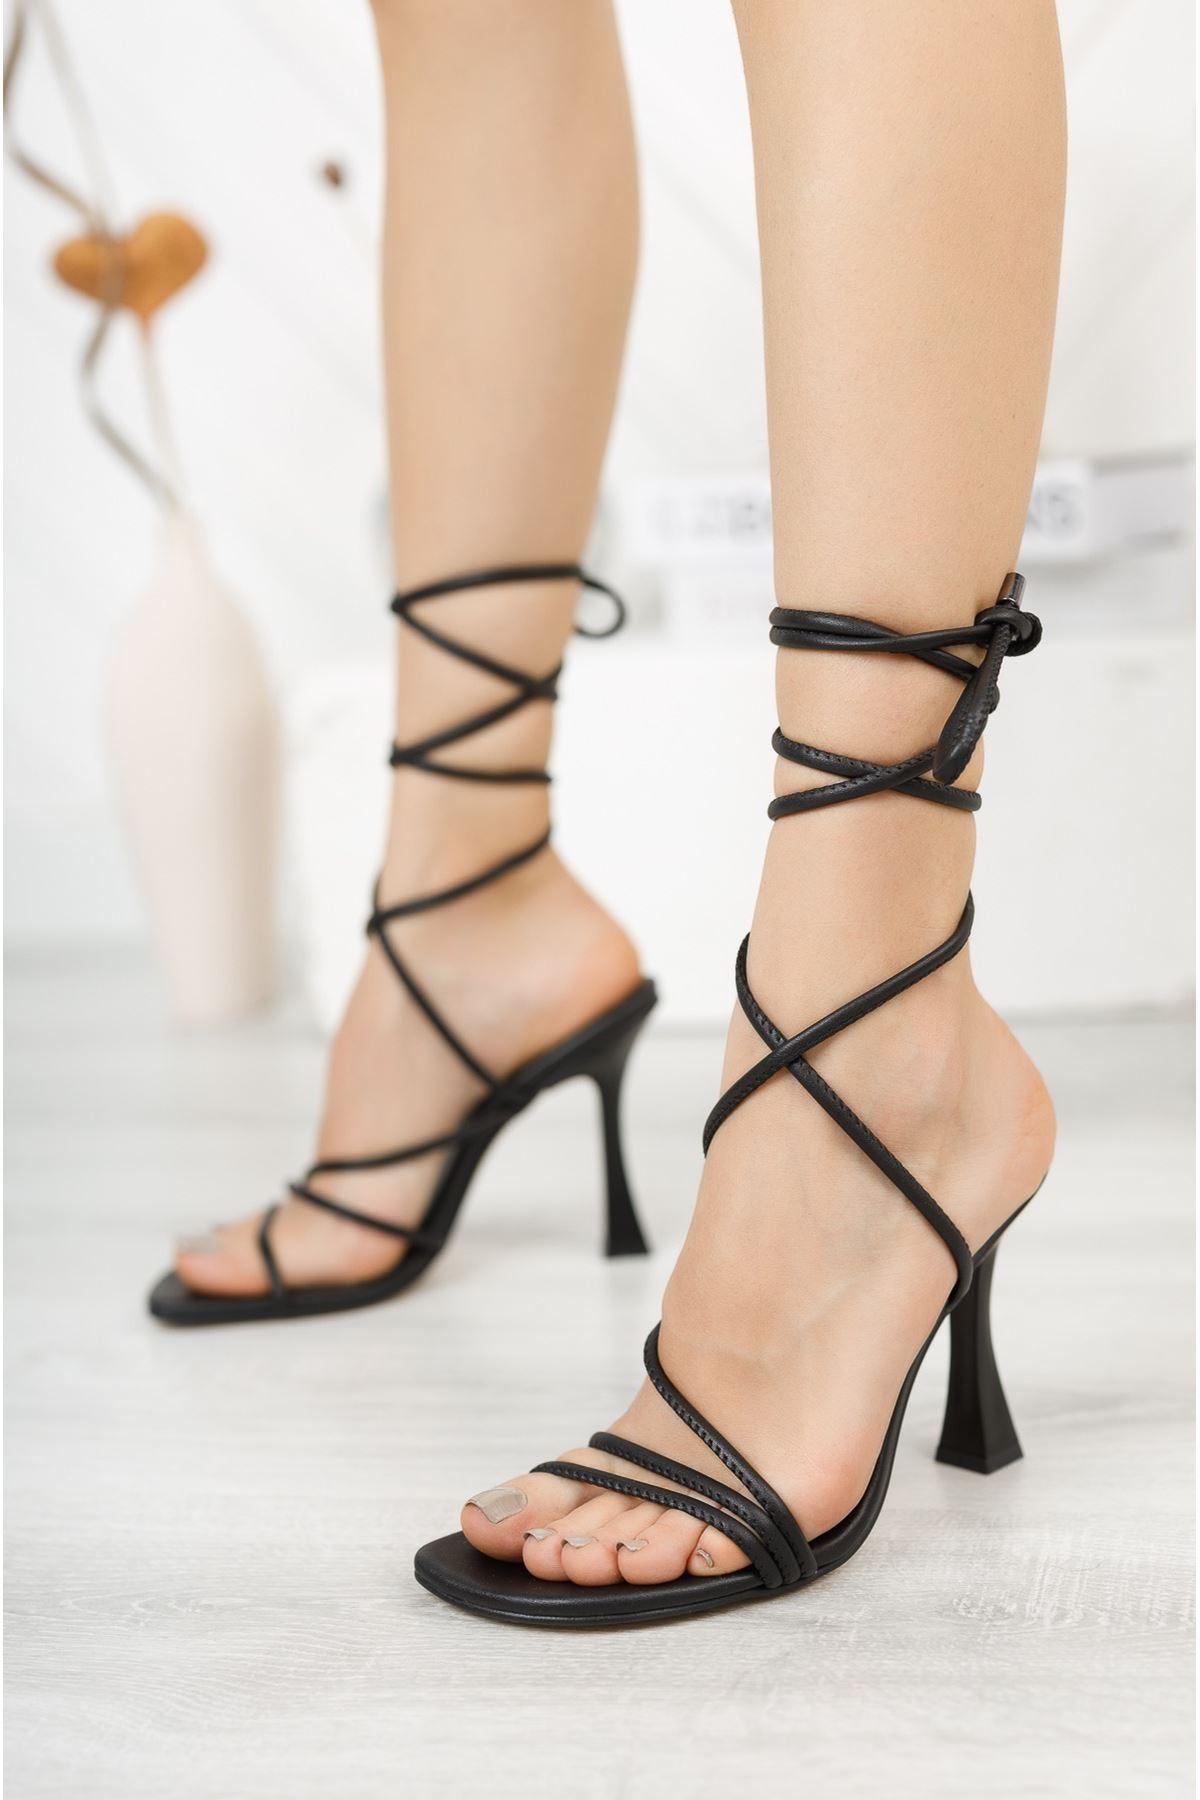 Siyah Bilekten Bağlama Detaylı Yüksek Topuklu Ayakkabı